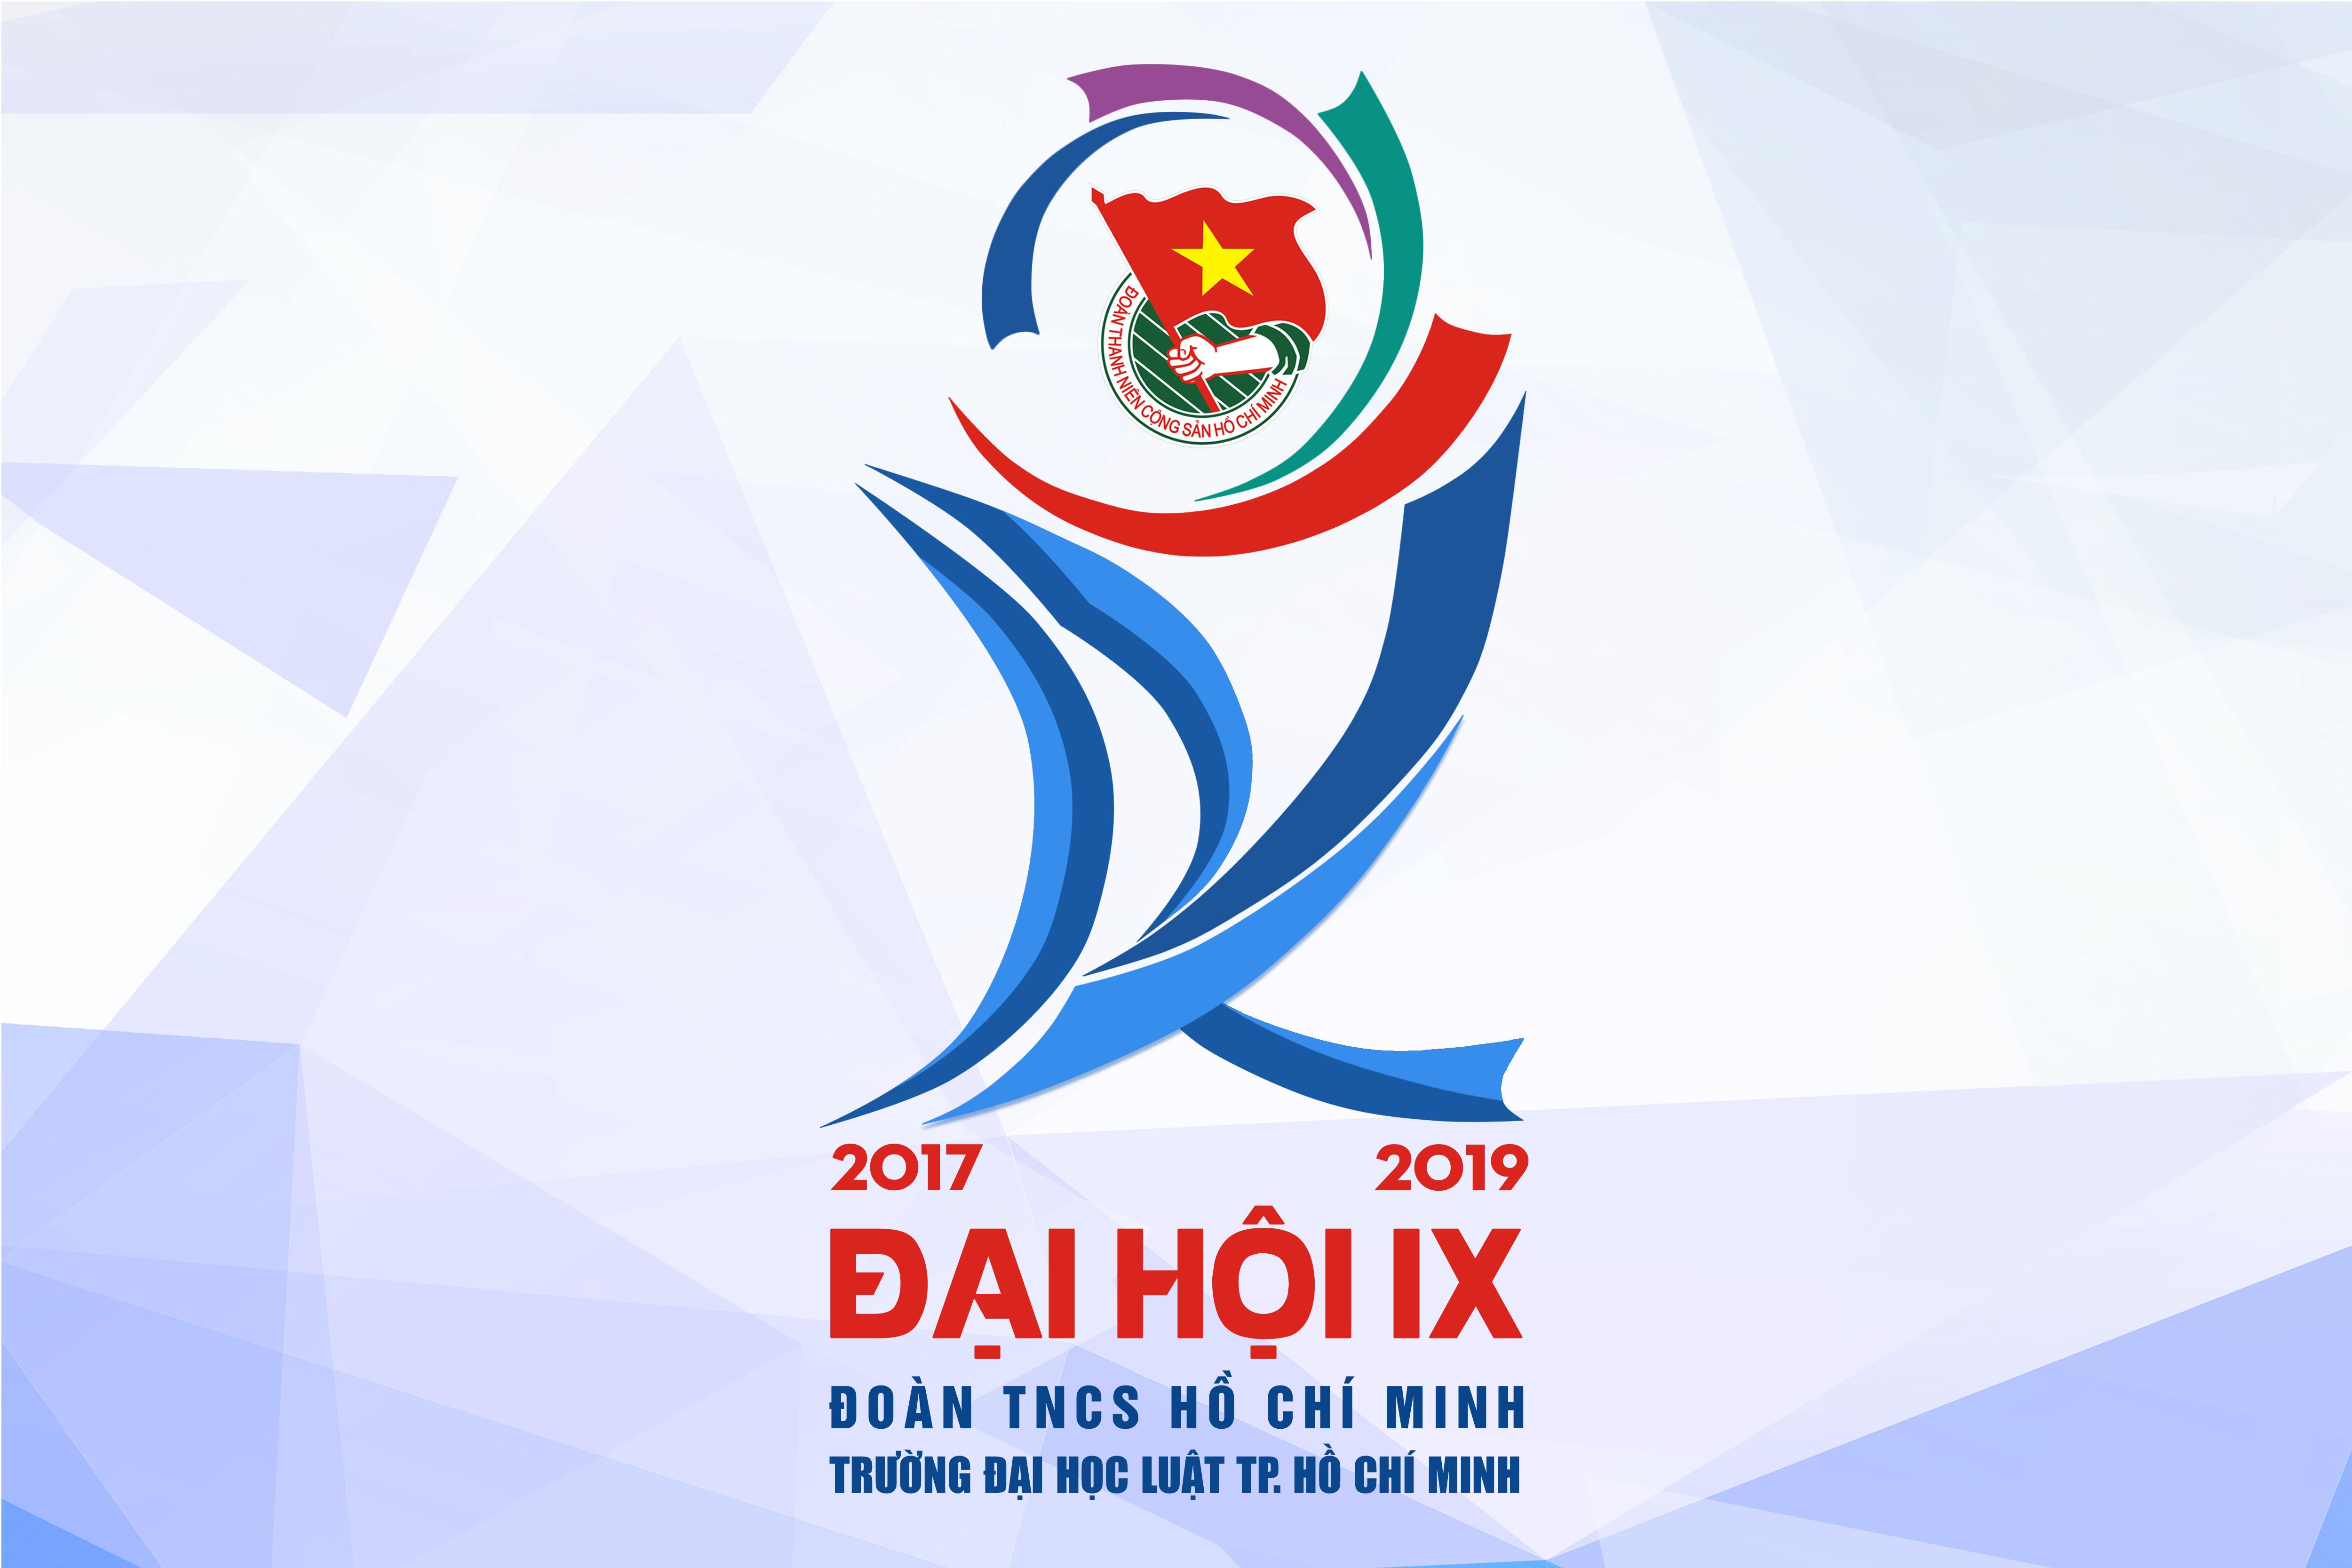 Hình ảnh logo đại hội đoàn thanh niên lần thứ 9